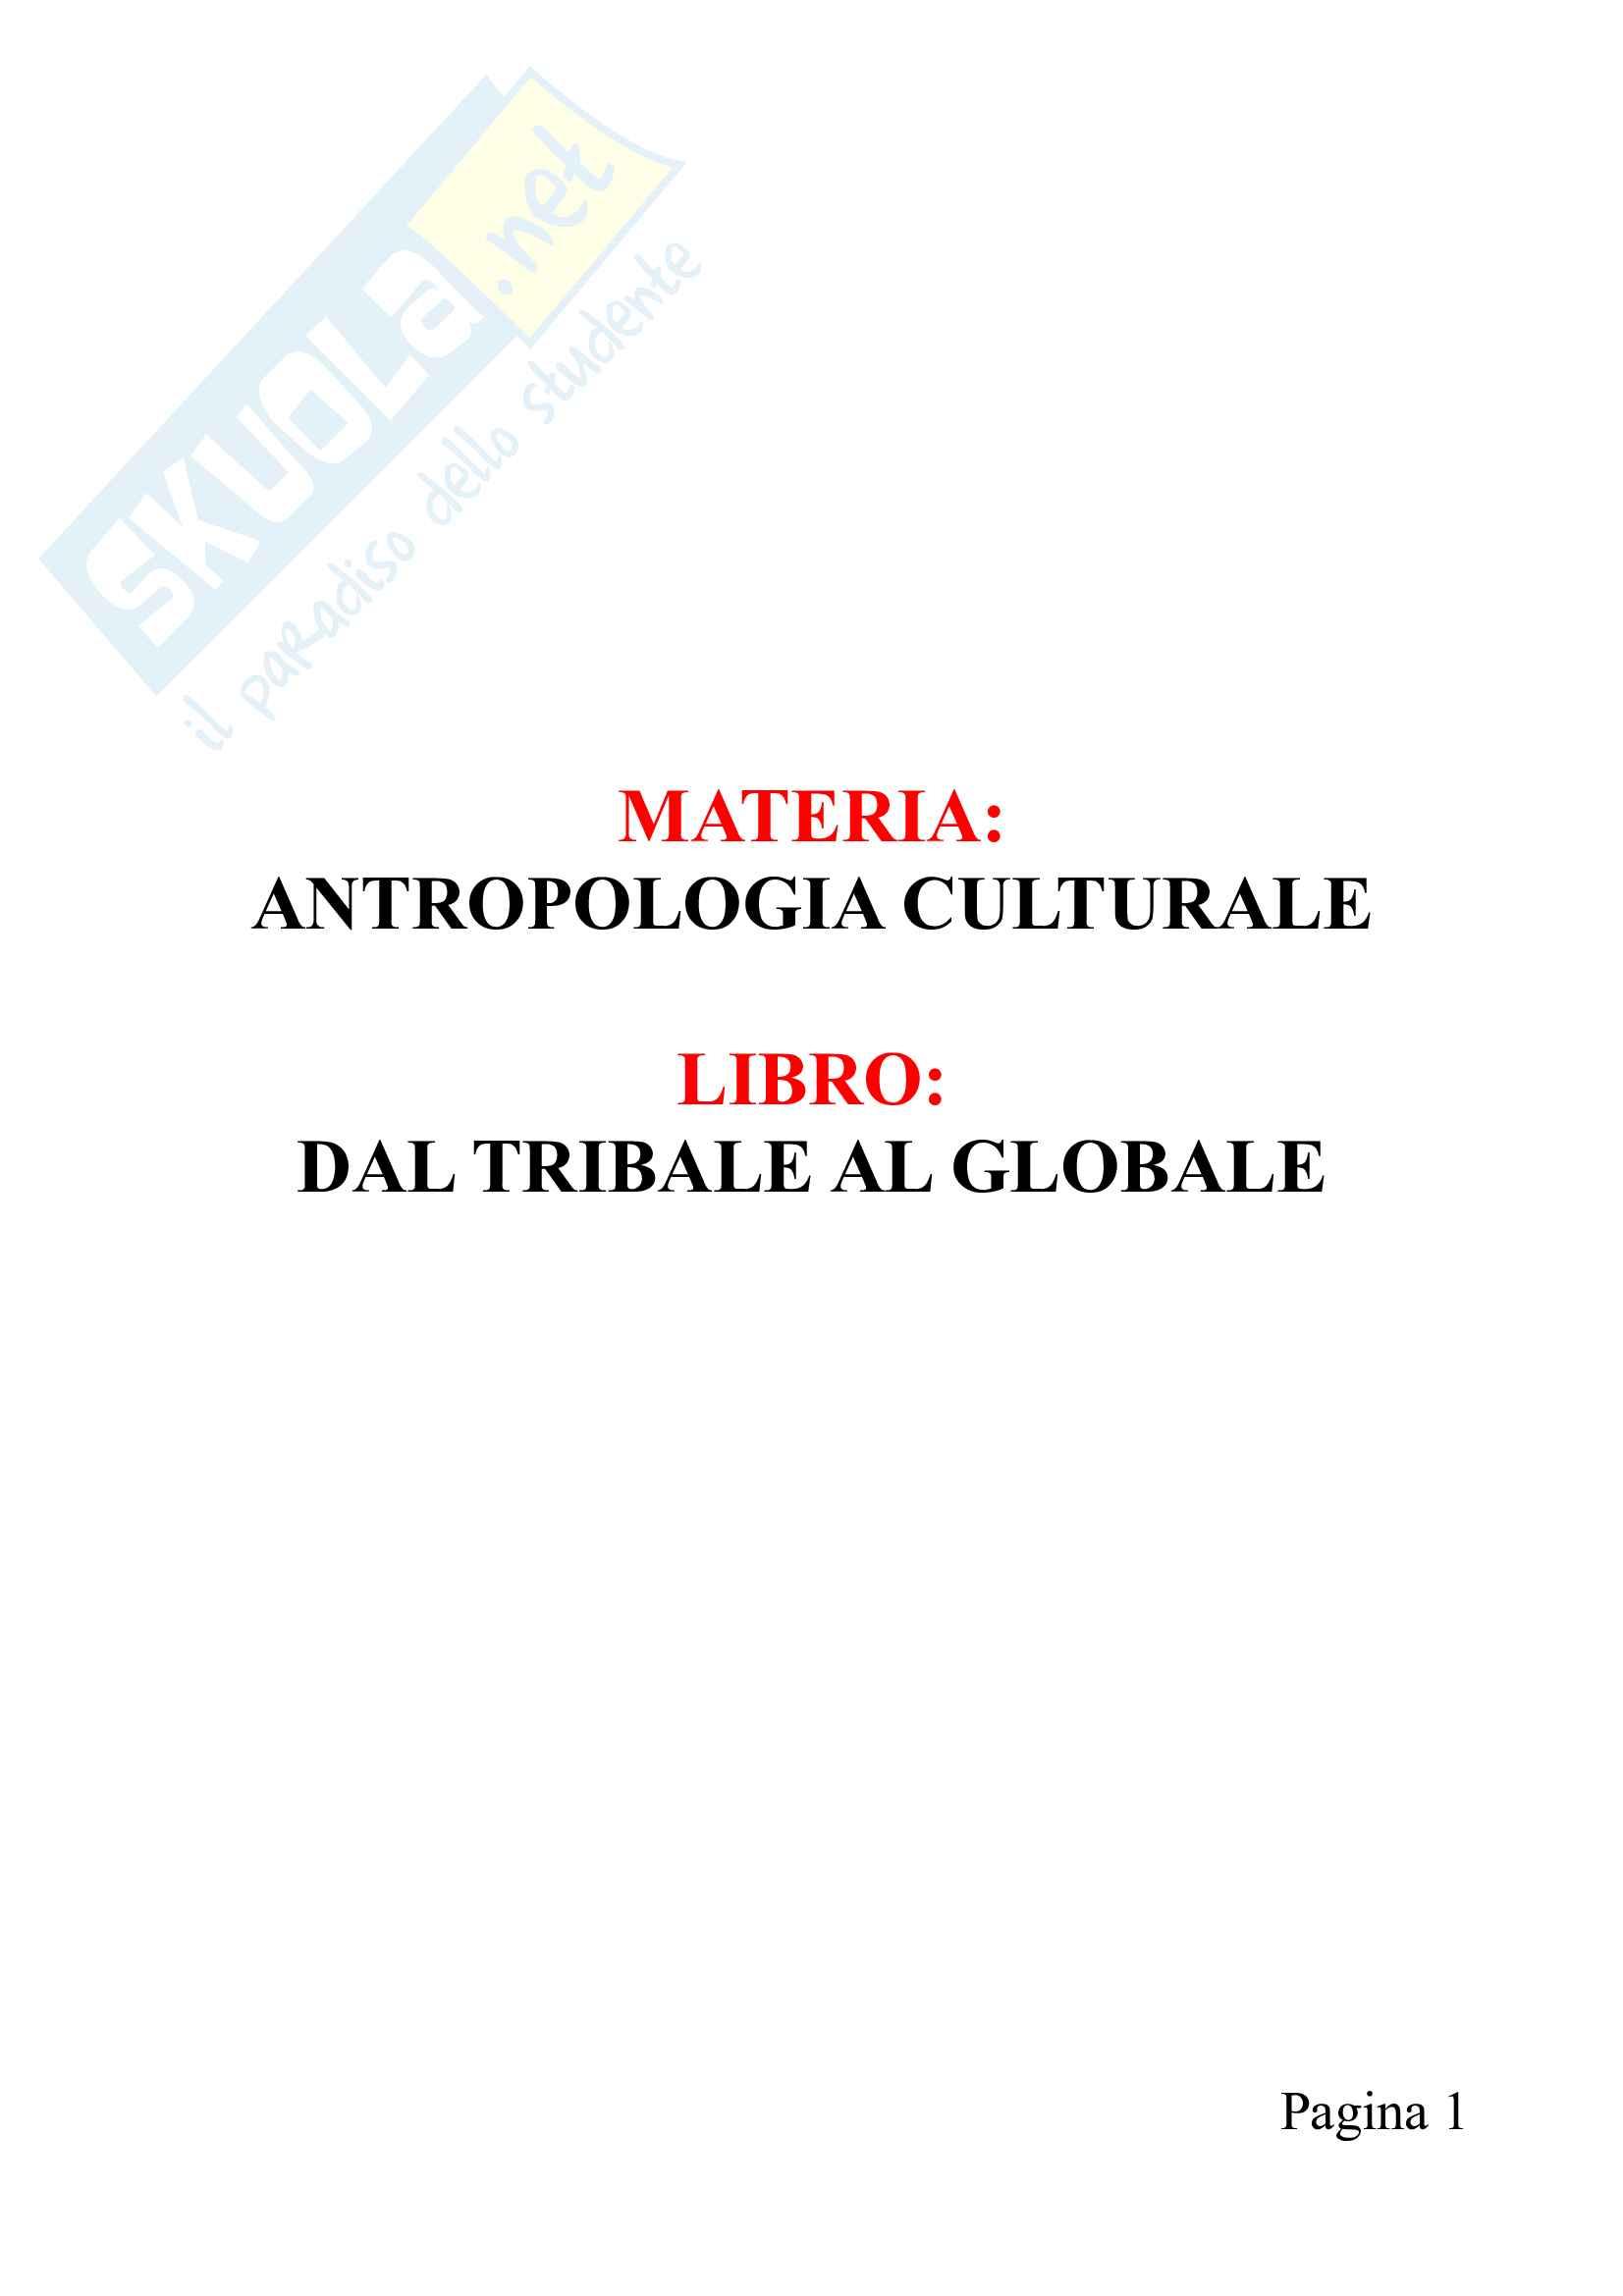 Riassunto esame Antropologia culturale, prof. De Vita,libro consigliato Dal tribale al globale,Mondadori